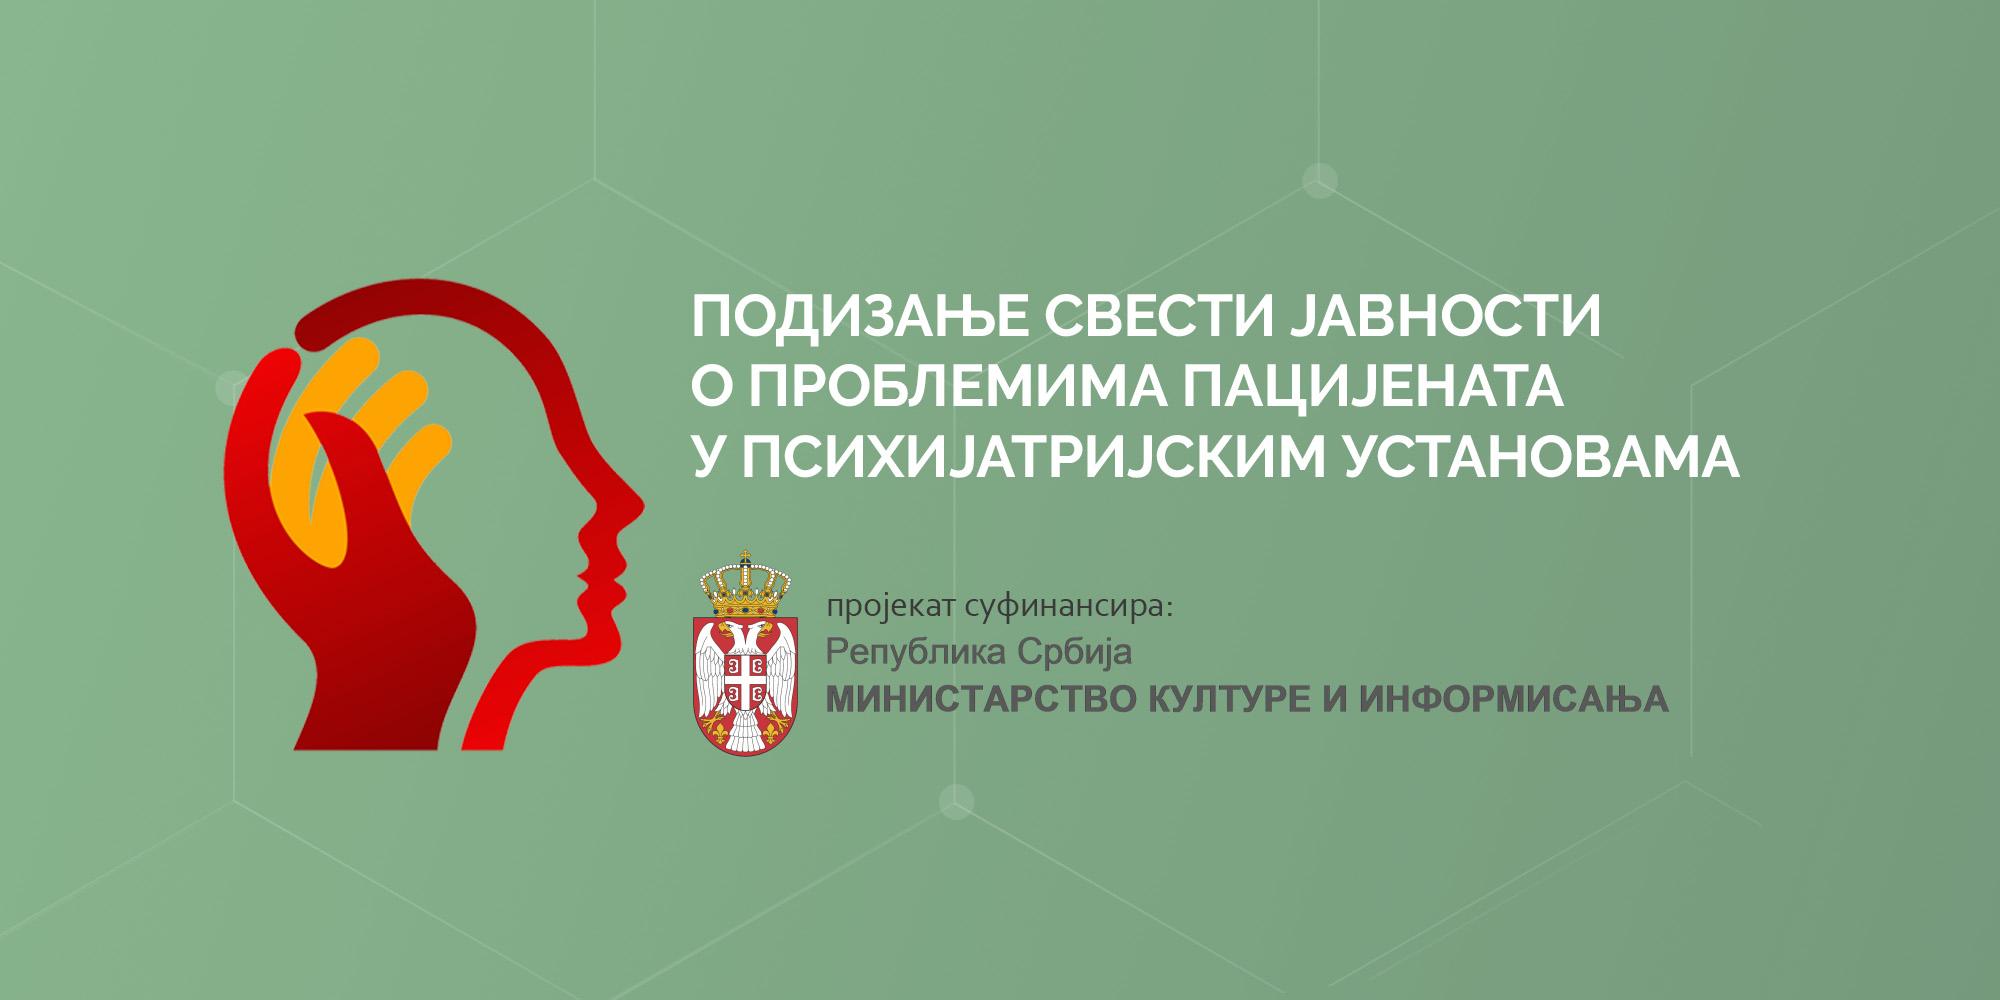 Projekat-Ministarstvo-2018